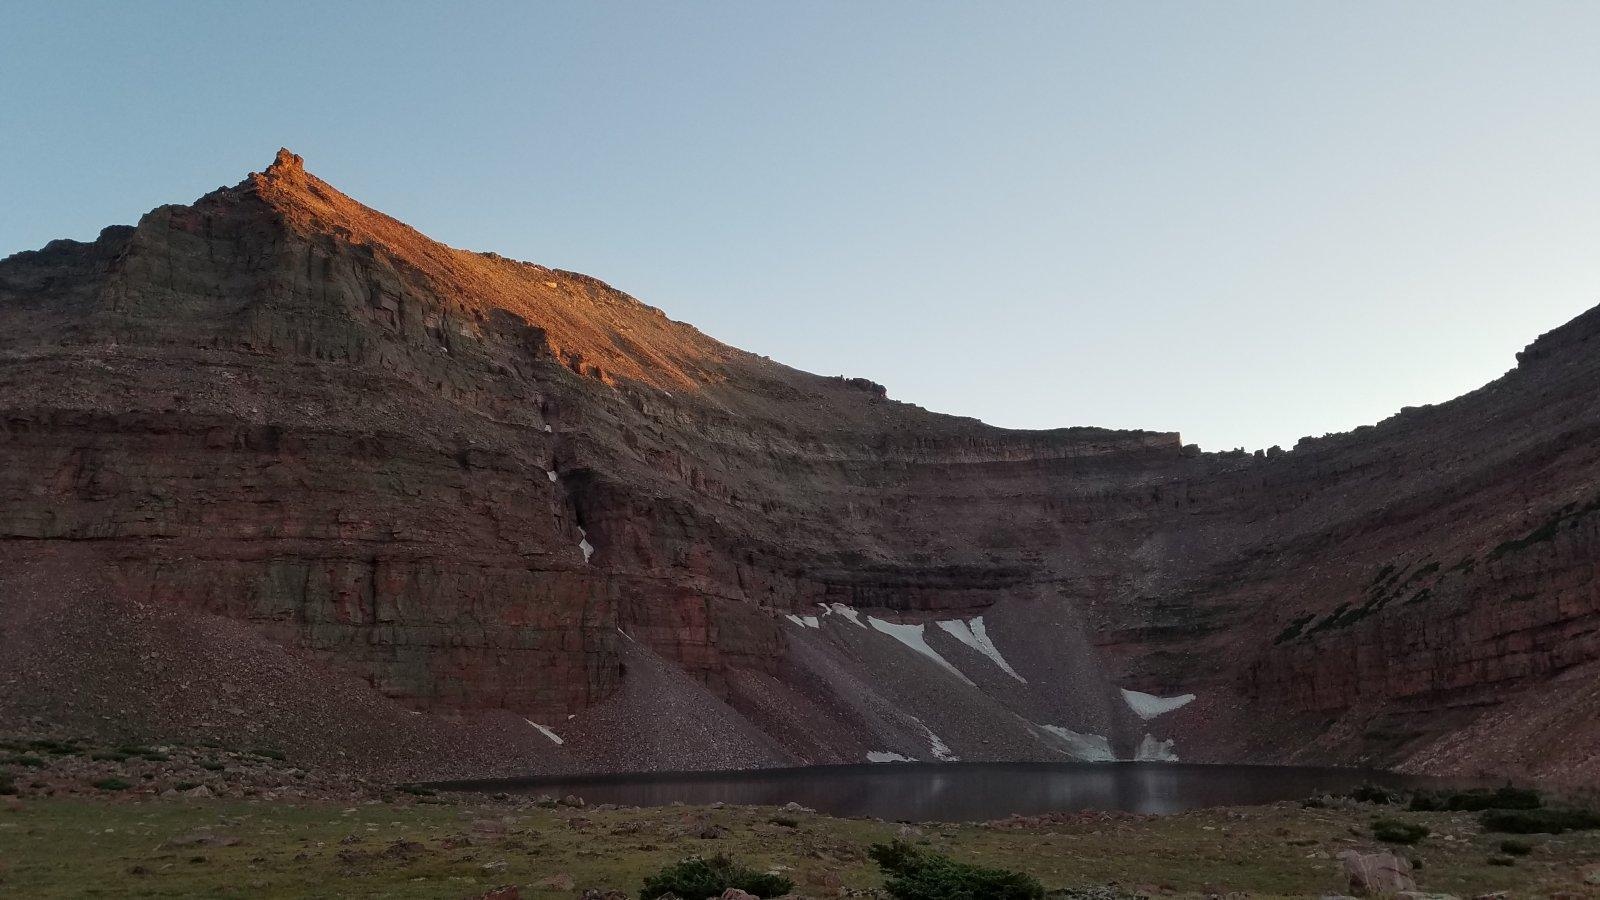 20200730_203448 Sunset on Explorer Peak at Crater Lake.jpg